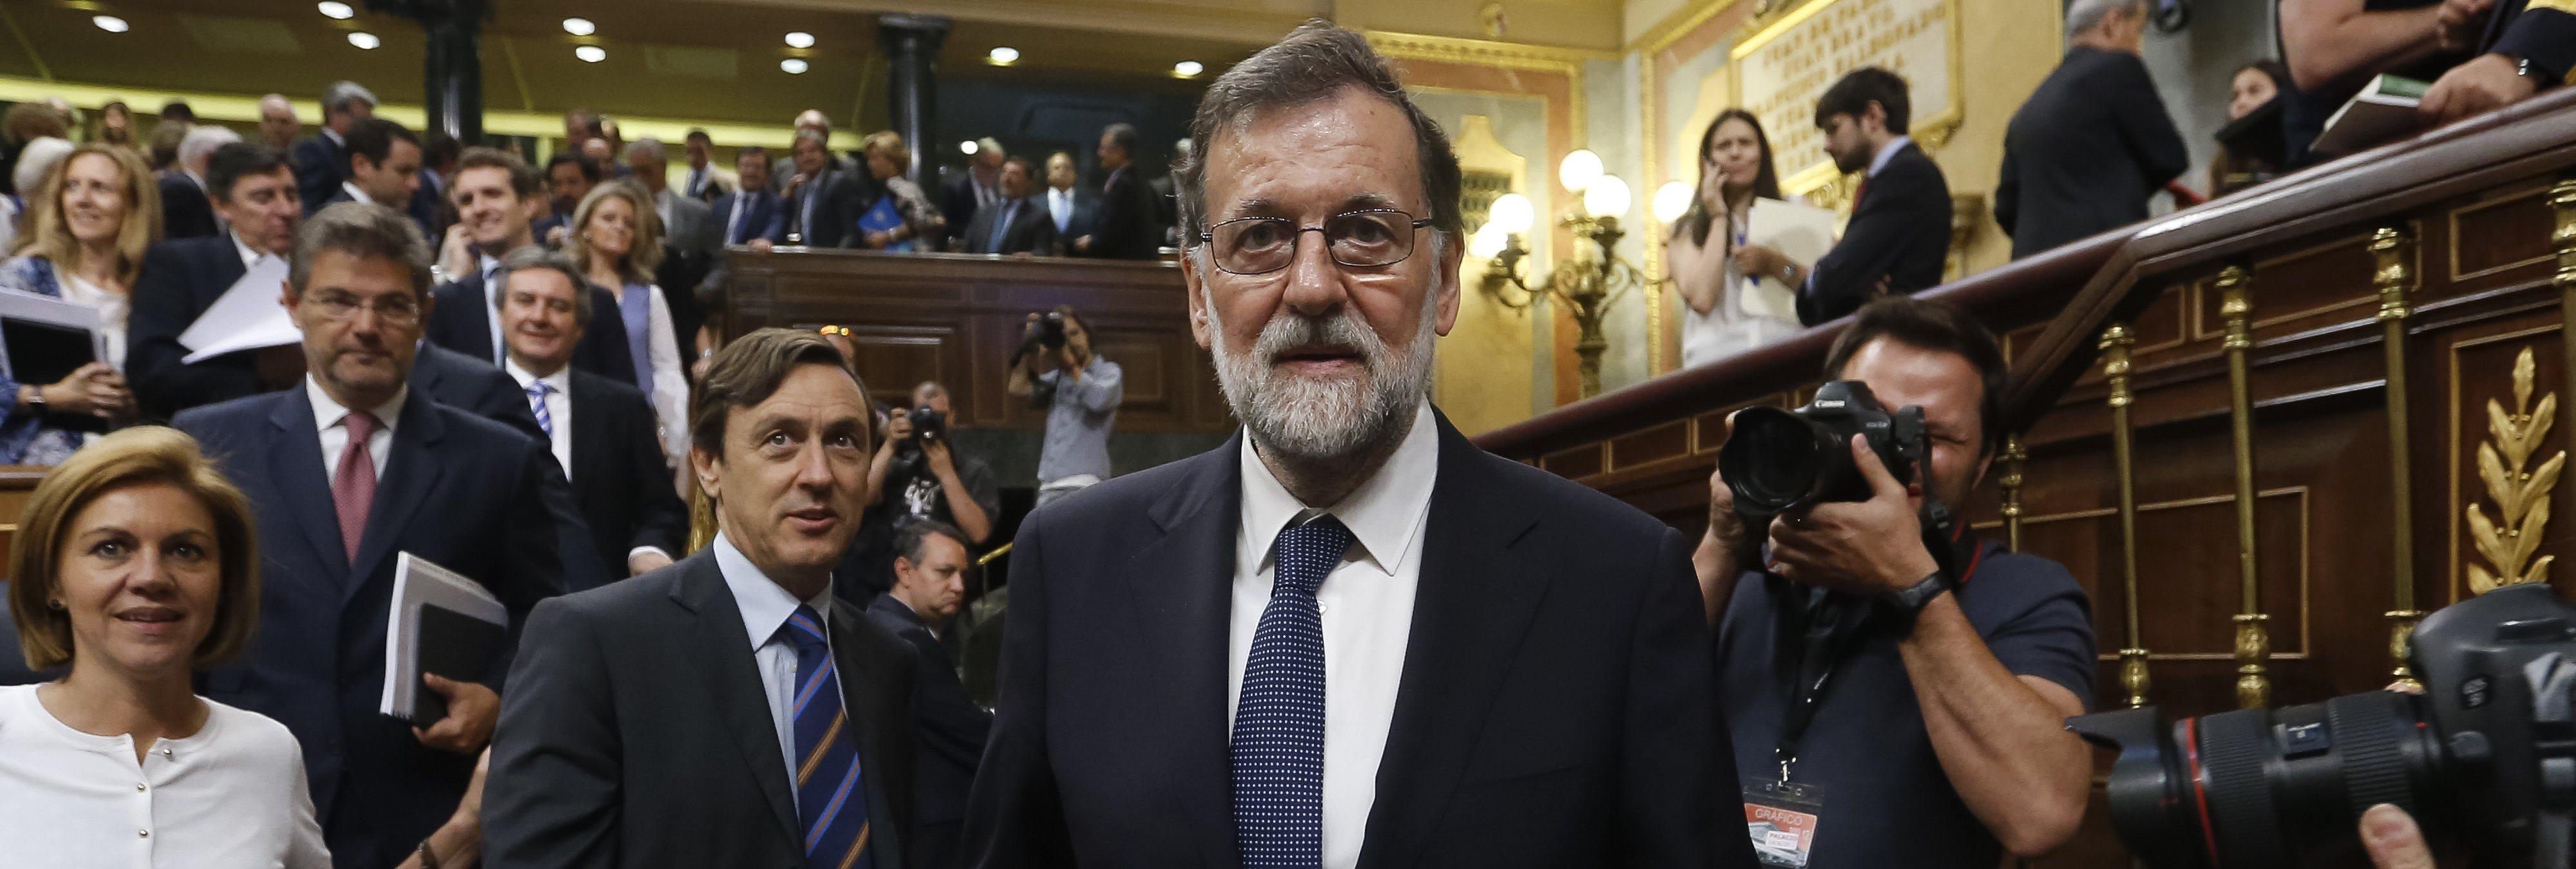 Moción de censura: ¿Llega el final de Rajoy? ¿La debacle de Ciudadanos?